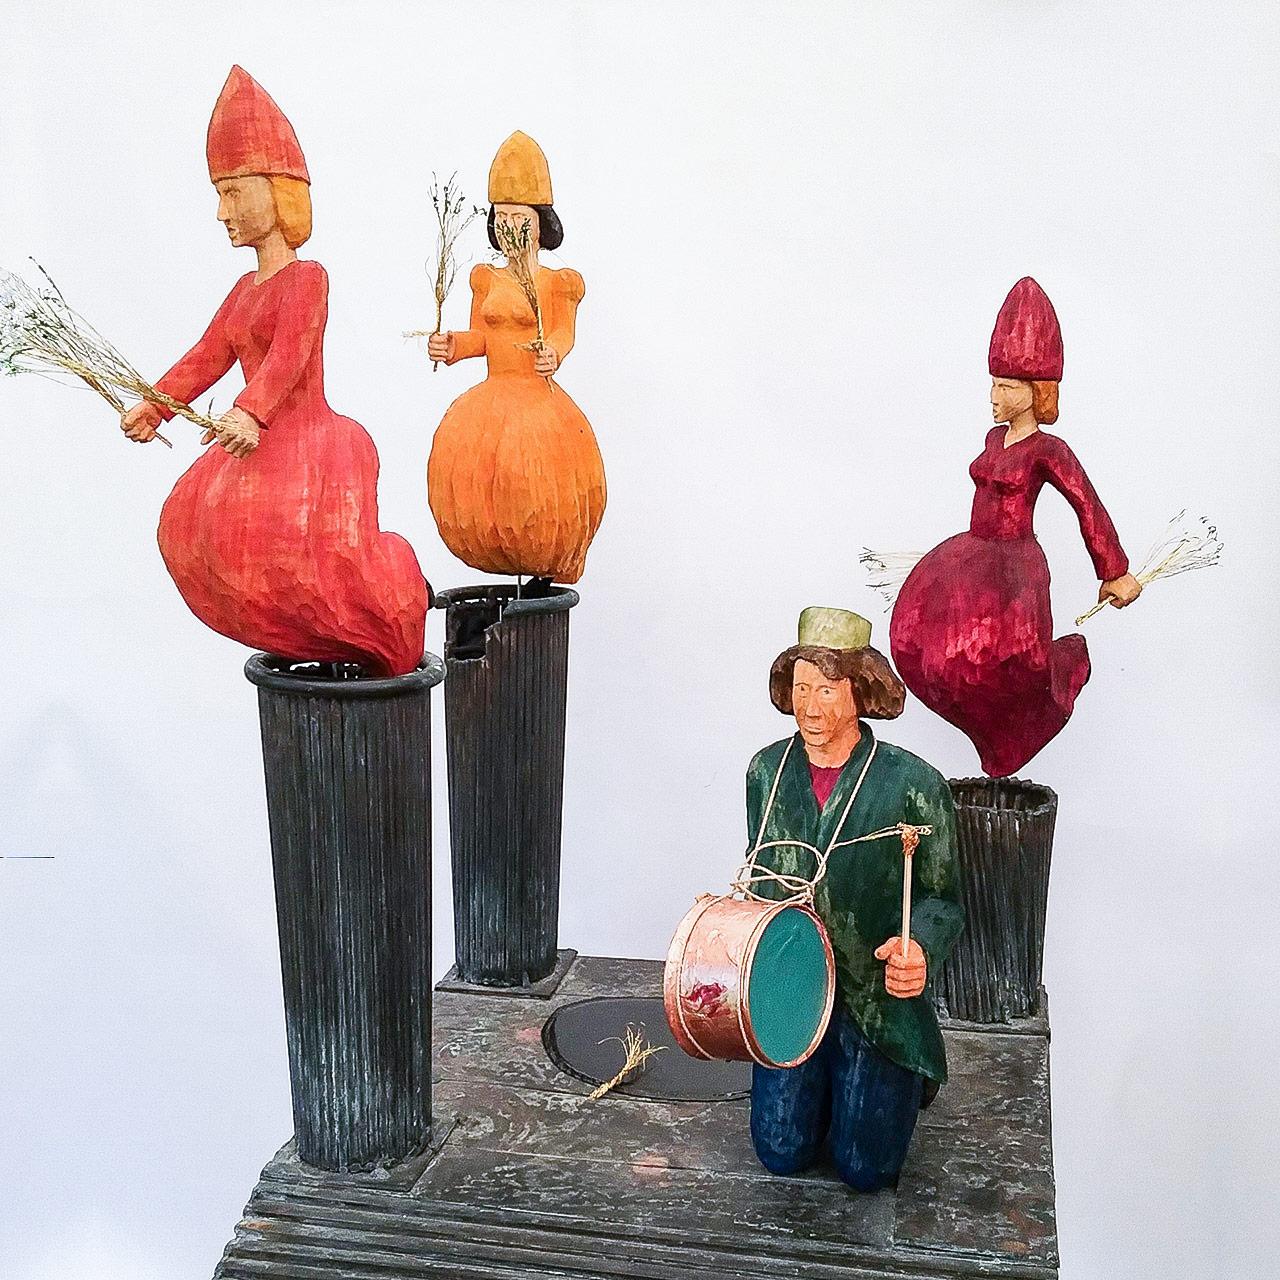 Skulptur aus Holz mit vier Frauen